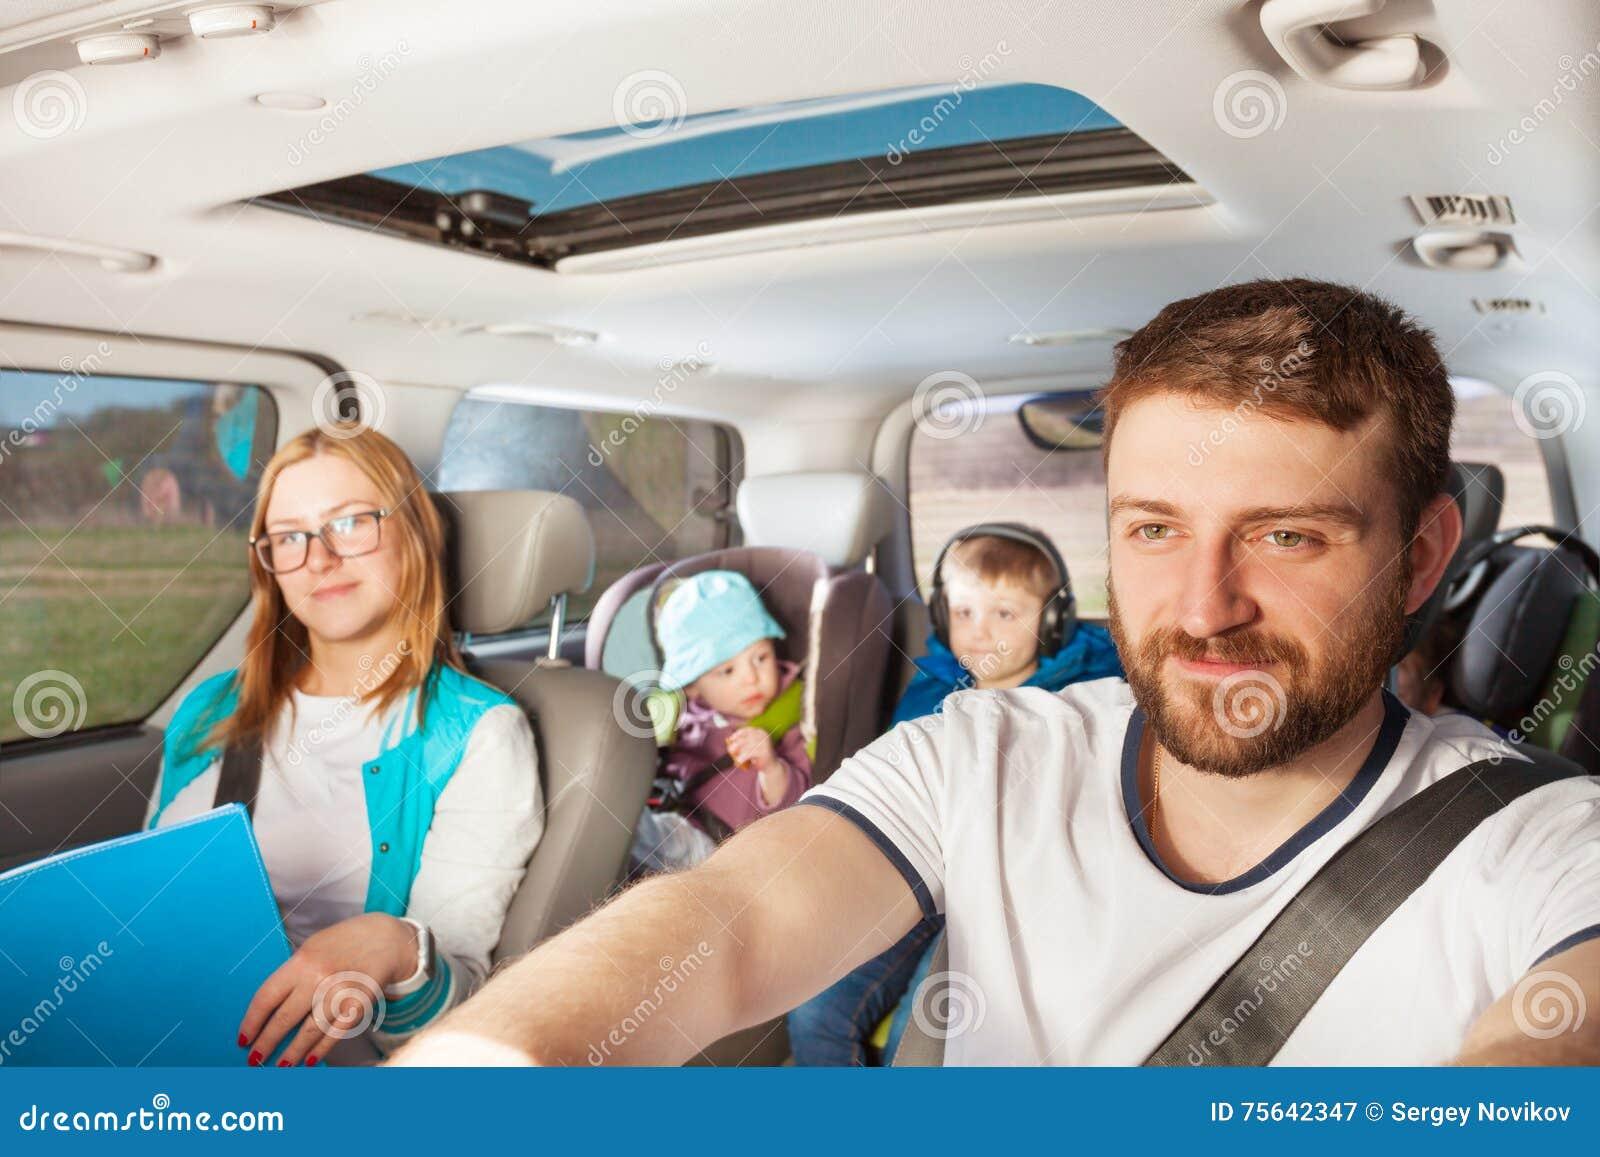 Jeune père conduisant sa voiture familiale